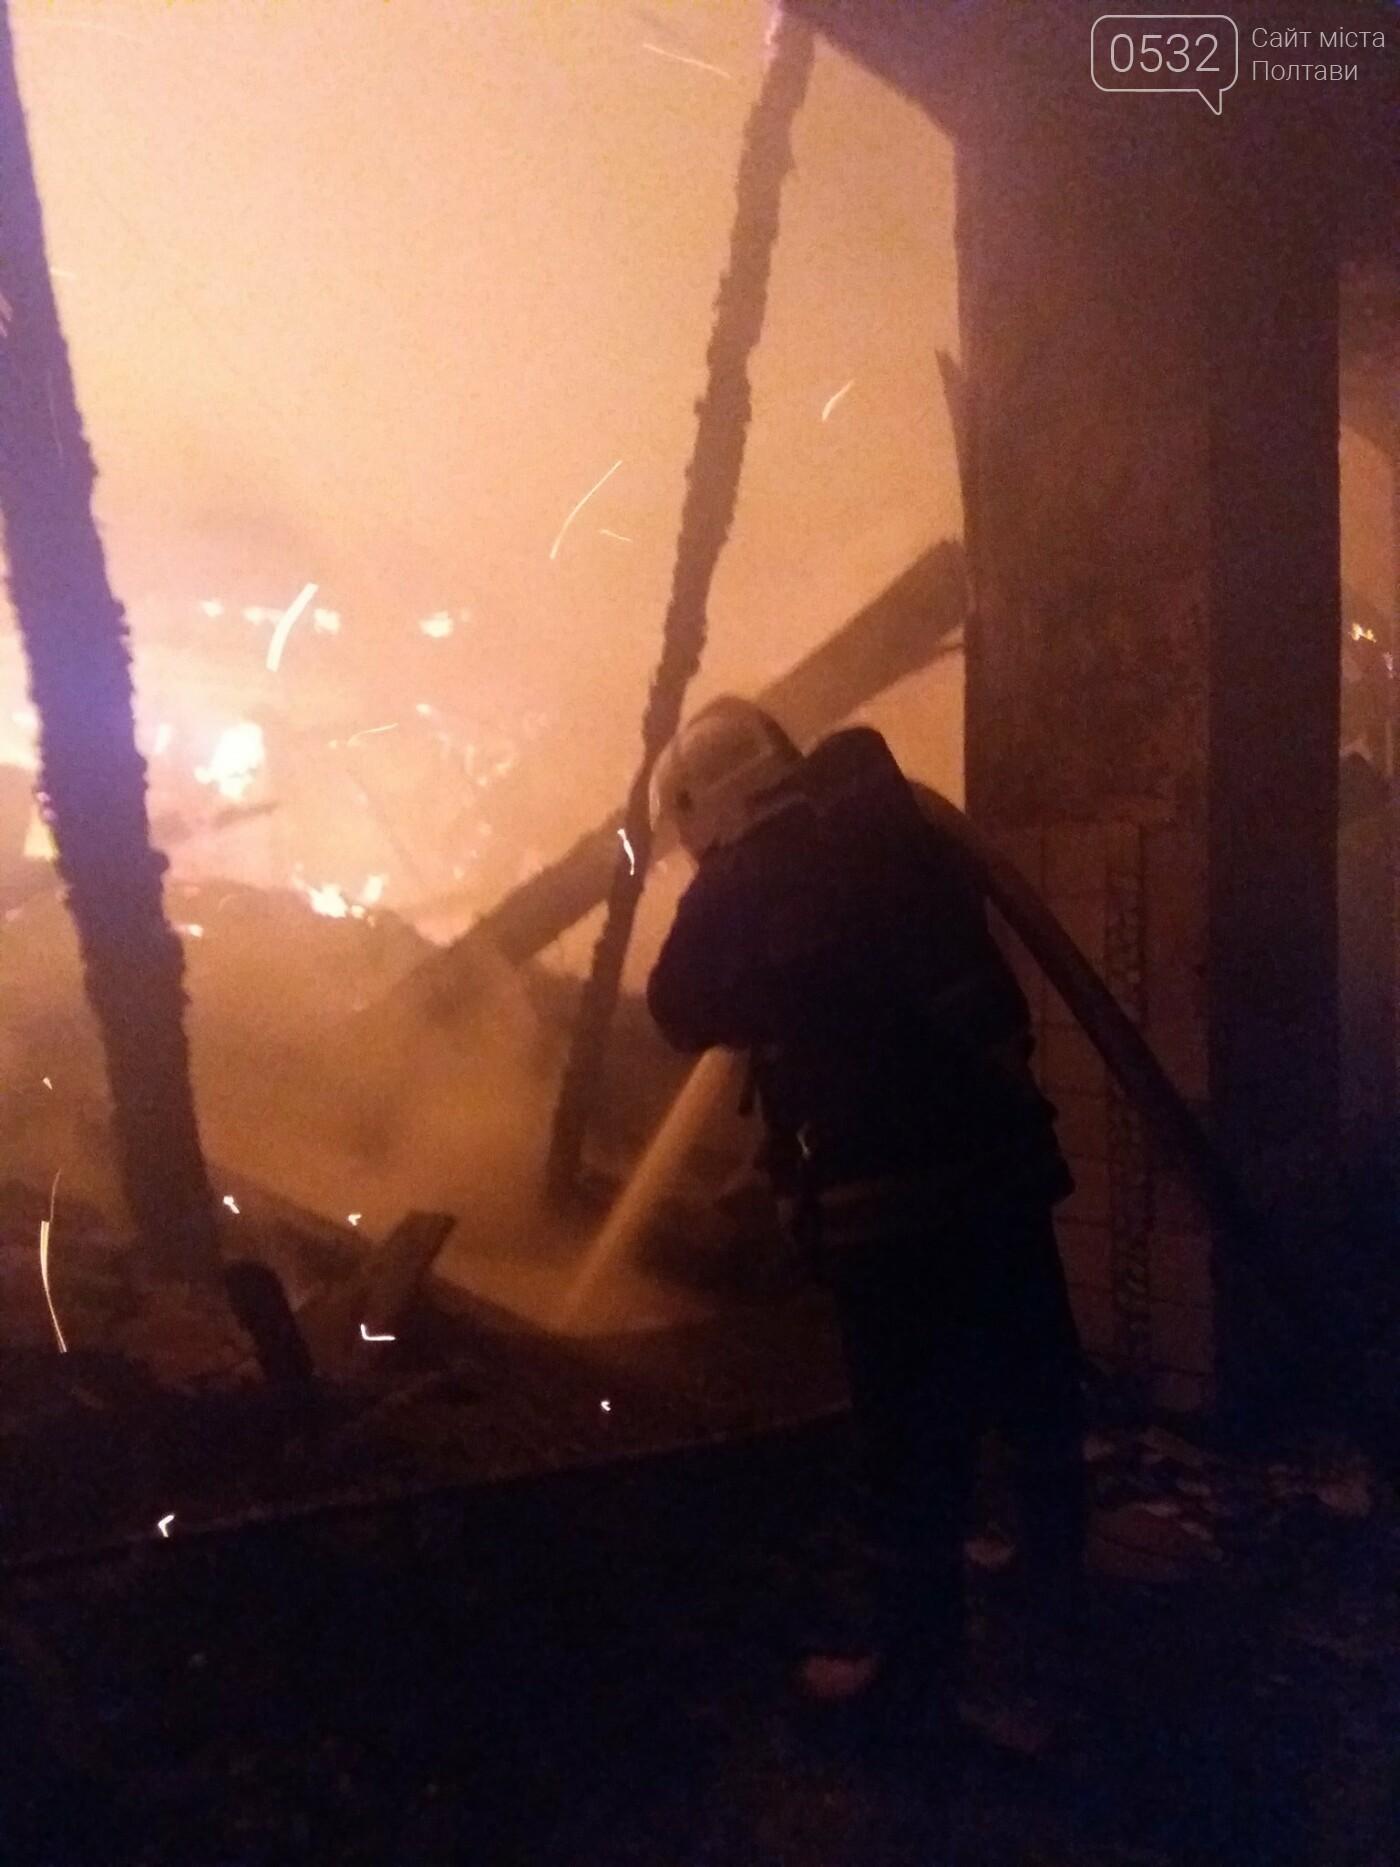 На території Полтавського ТРЗ згоріло приміщення колишньої їдальні, фото-1